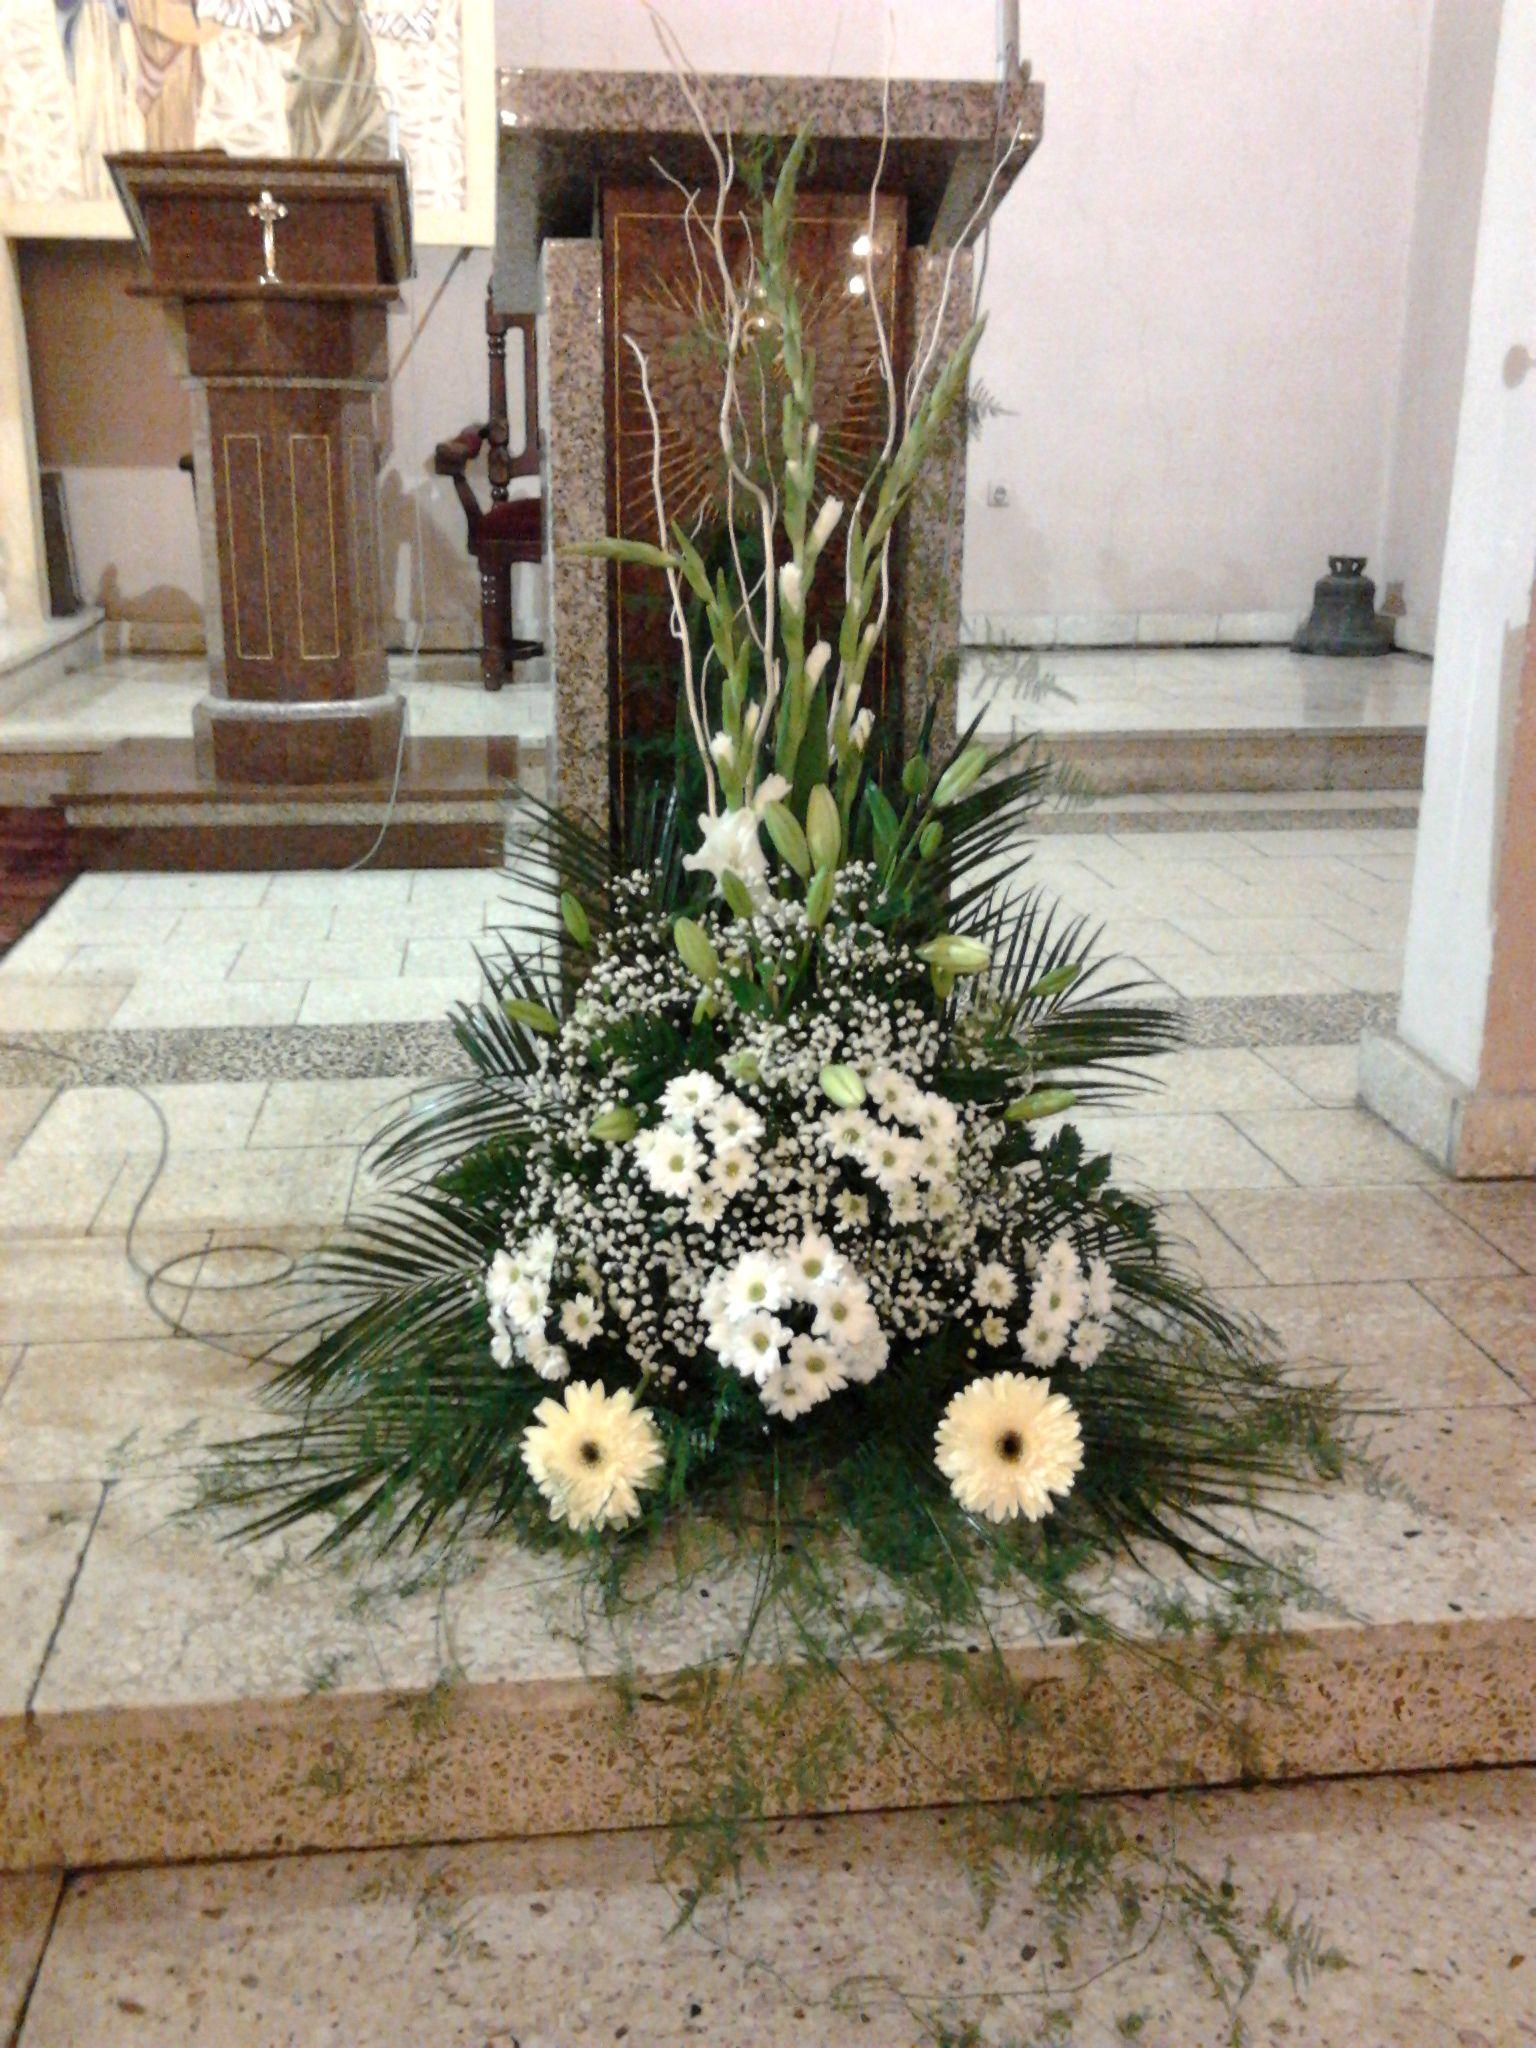 areglos florales hermosa bodas flores del altar las flores de la iglesia flores de la boda centros de mesa florales arreglos florales